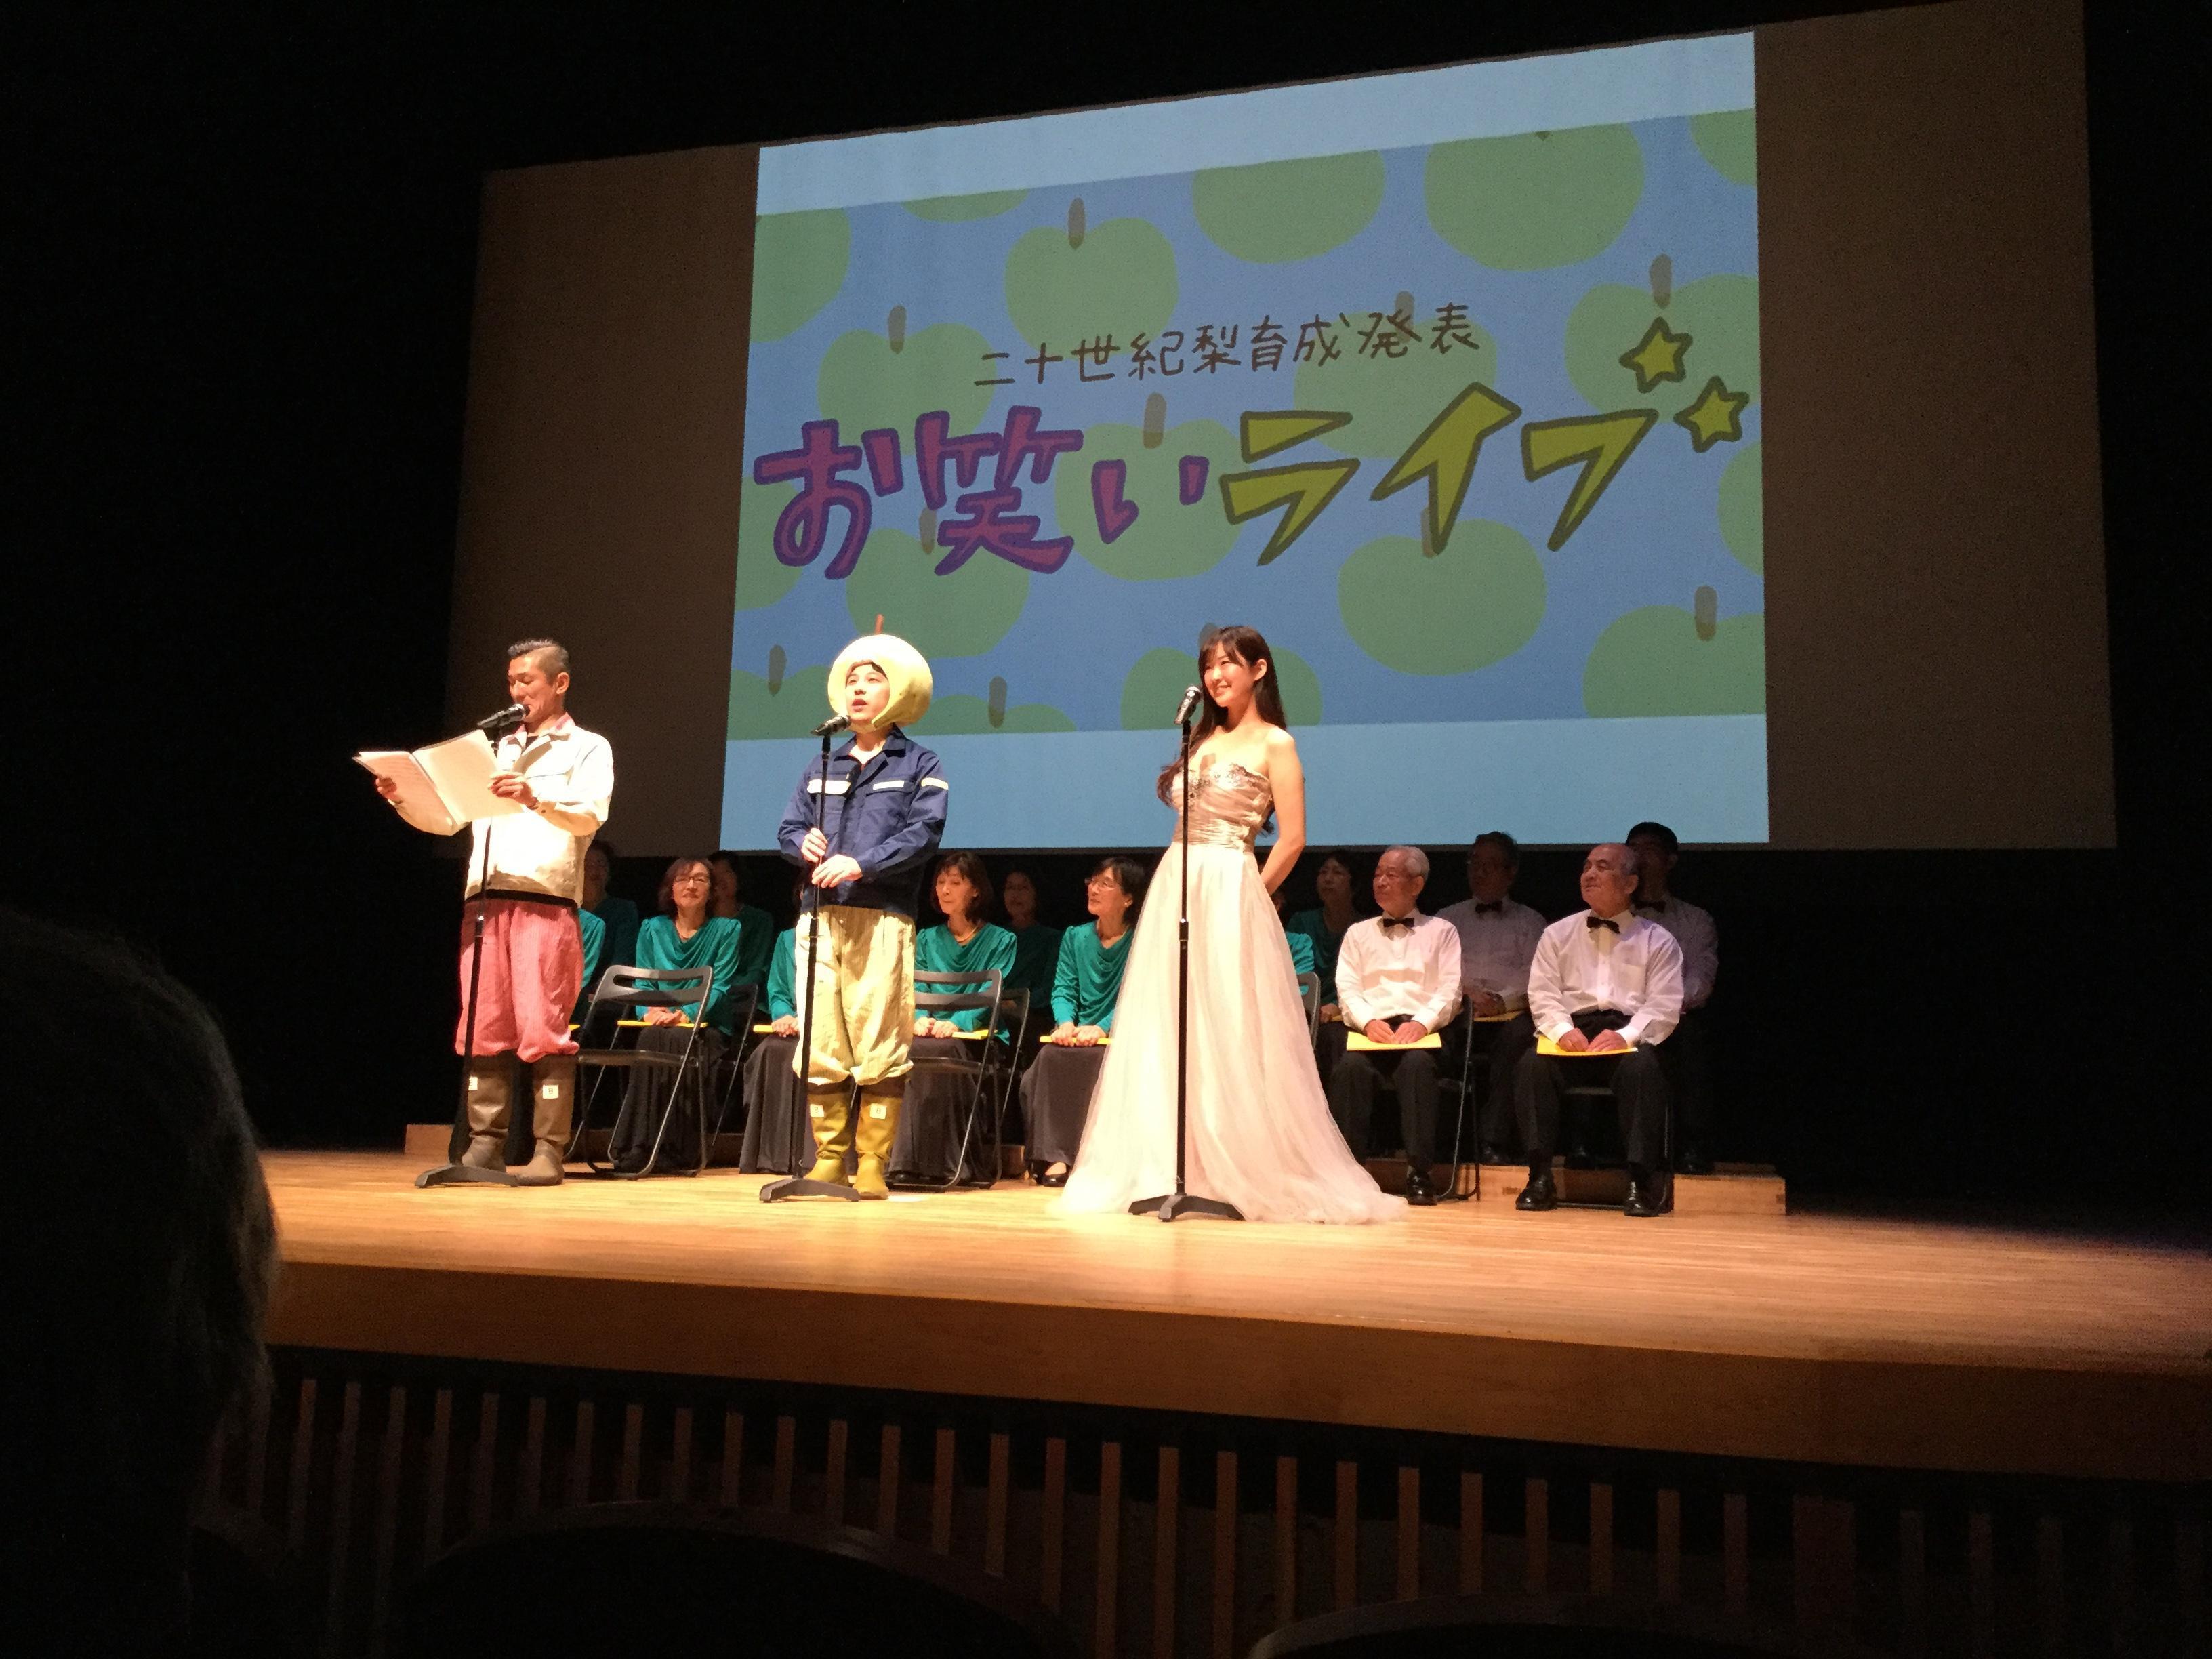 http://news.yoshimoto.co.jp/20180214202513-738506e0aa1b2f4d089bf8c20e8519d014d00606.jpg